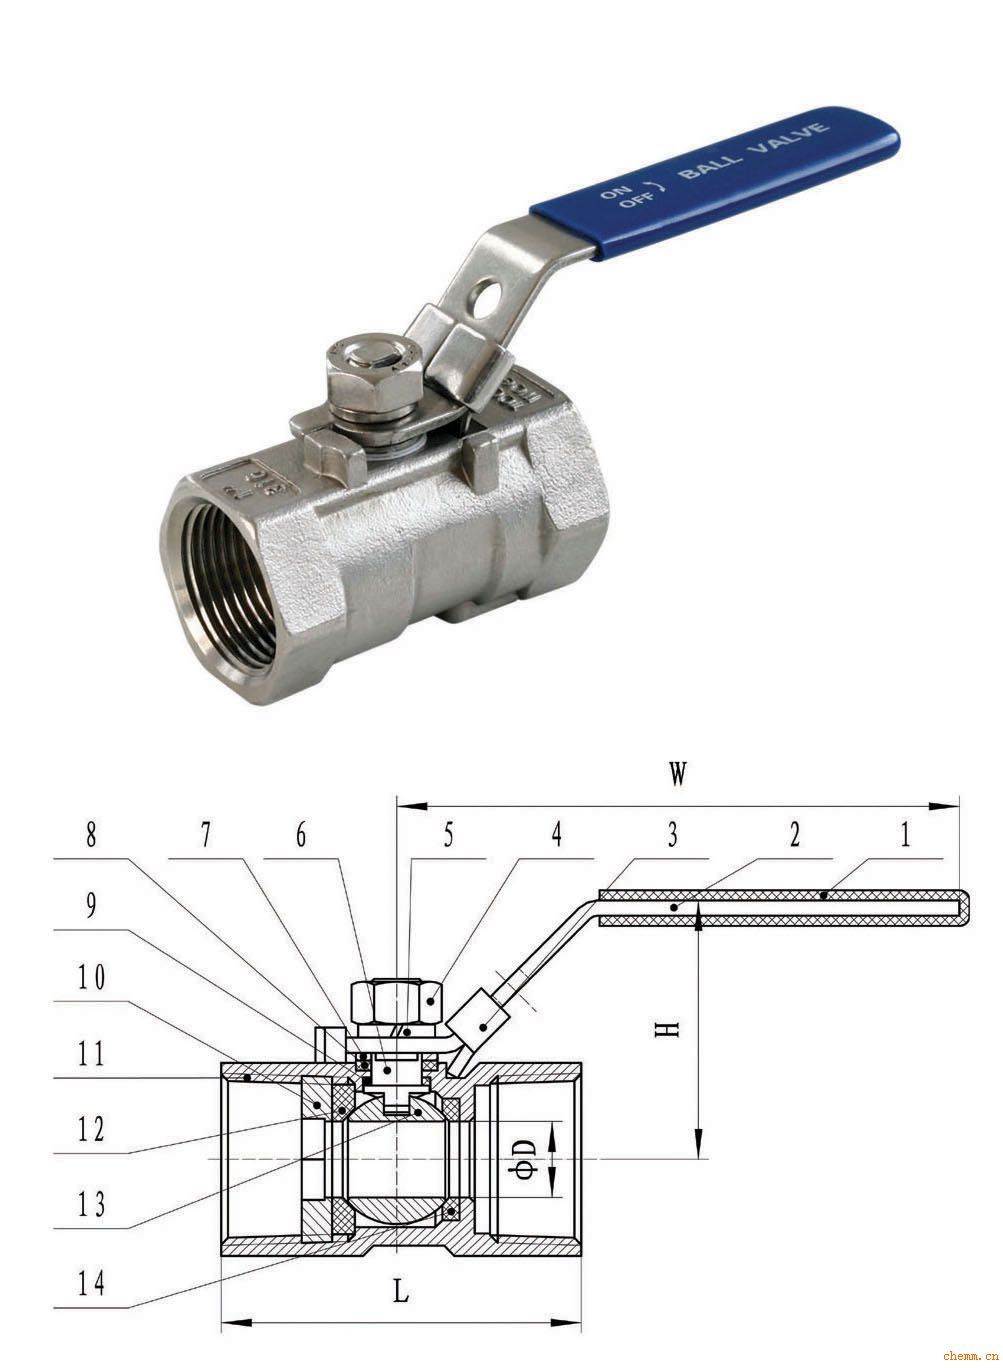 泵阀设备 球阀  产品名称:不锈钢一片式阀门 产品编号:球阀-2 产品图片